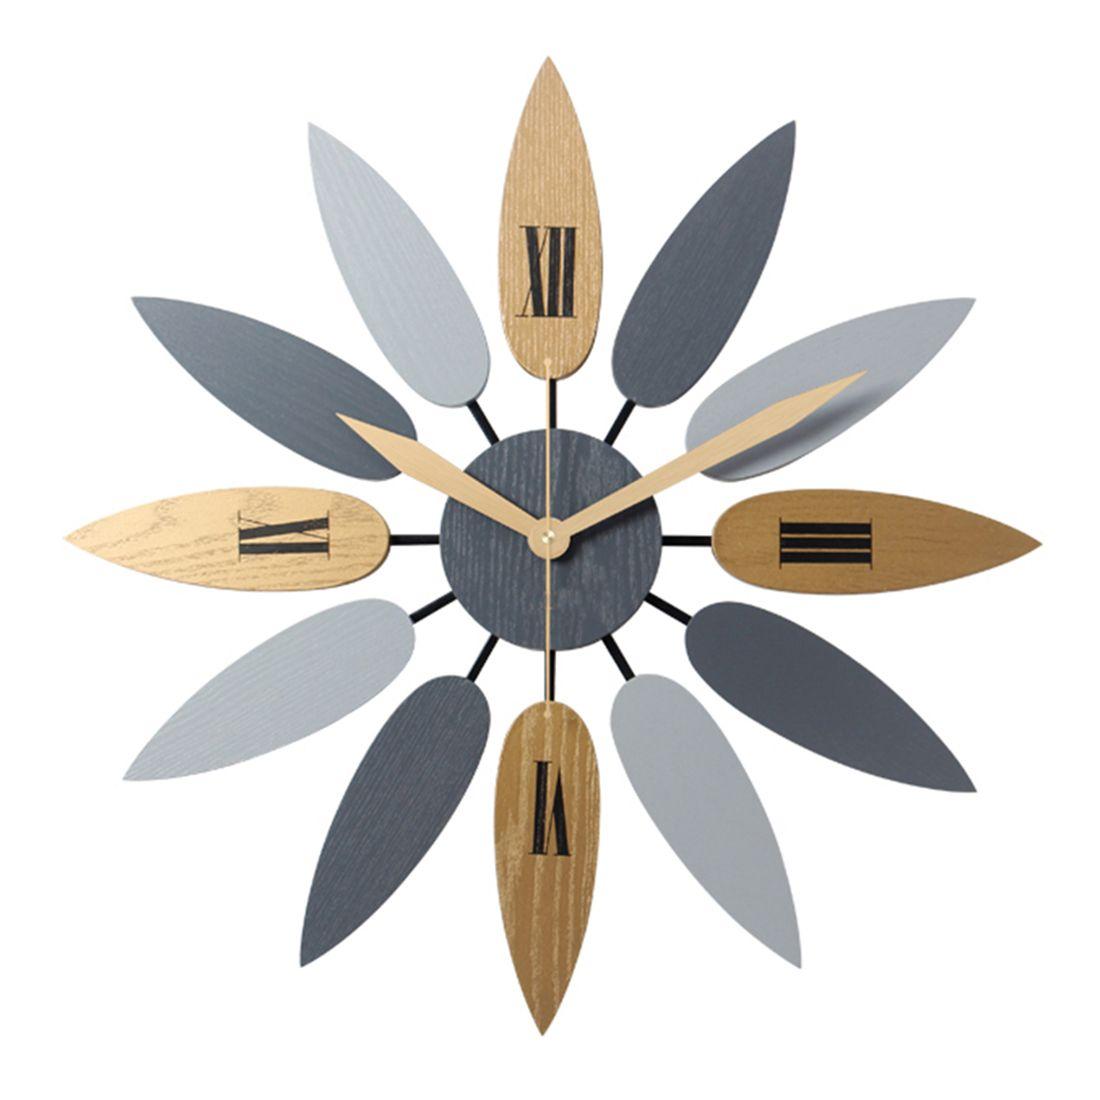 52 см высокое качество уникальный скандинавский стиль лист шаблон немой кварцевые настенные часы ретро бесшумные часы краткое домашний офис гостиная декор